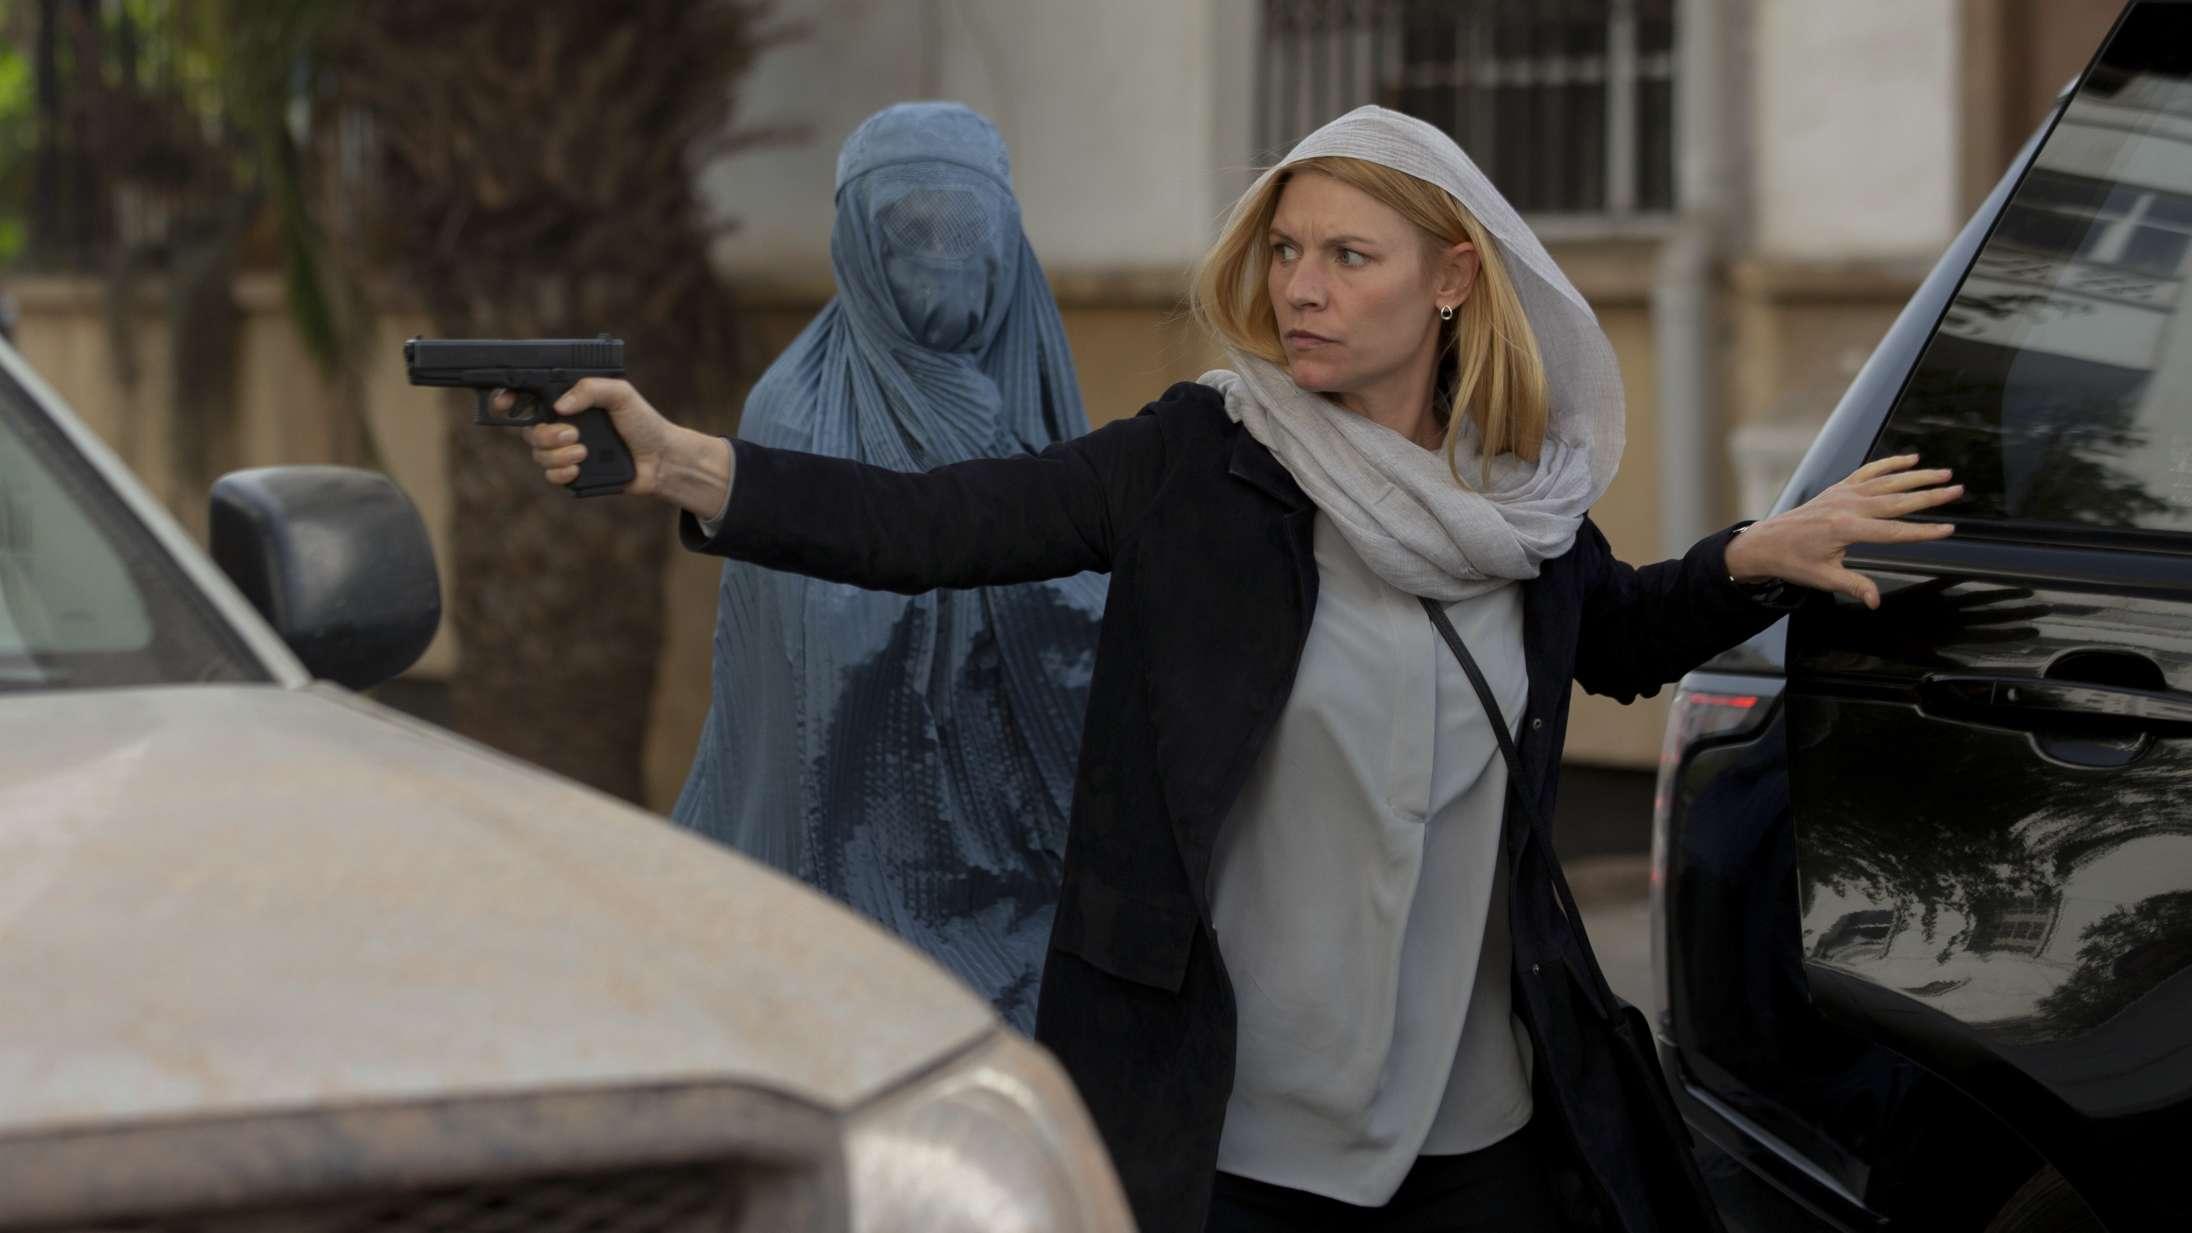 'Homeland' sæson 8: Et tårevædet farvel med Carries notoriske flæbeansigt